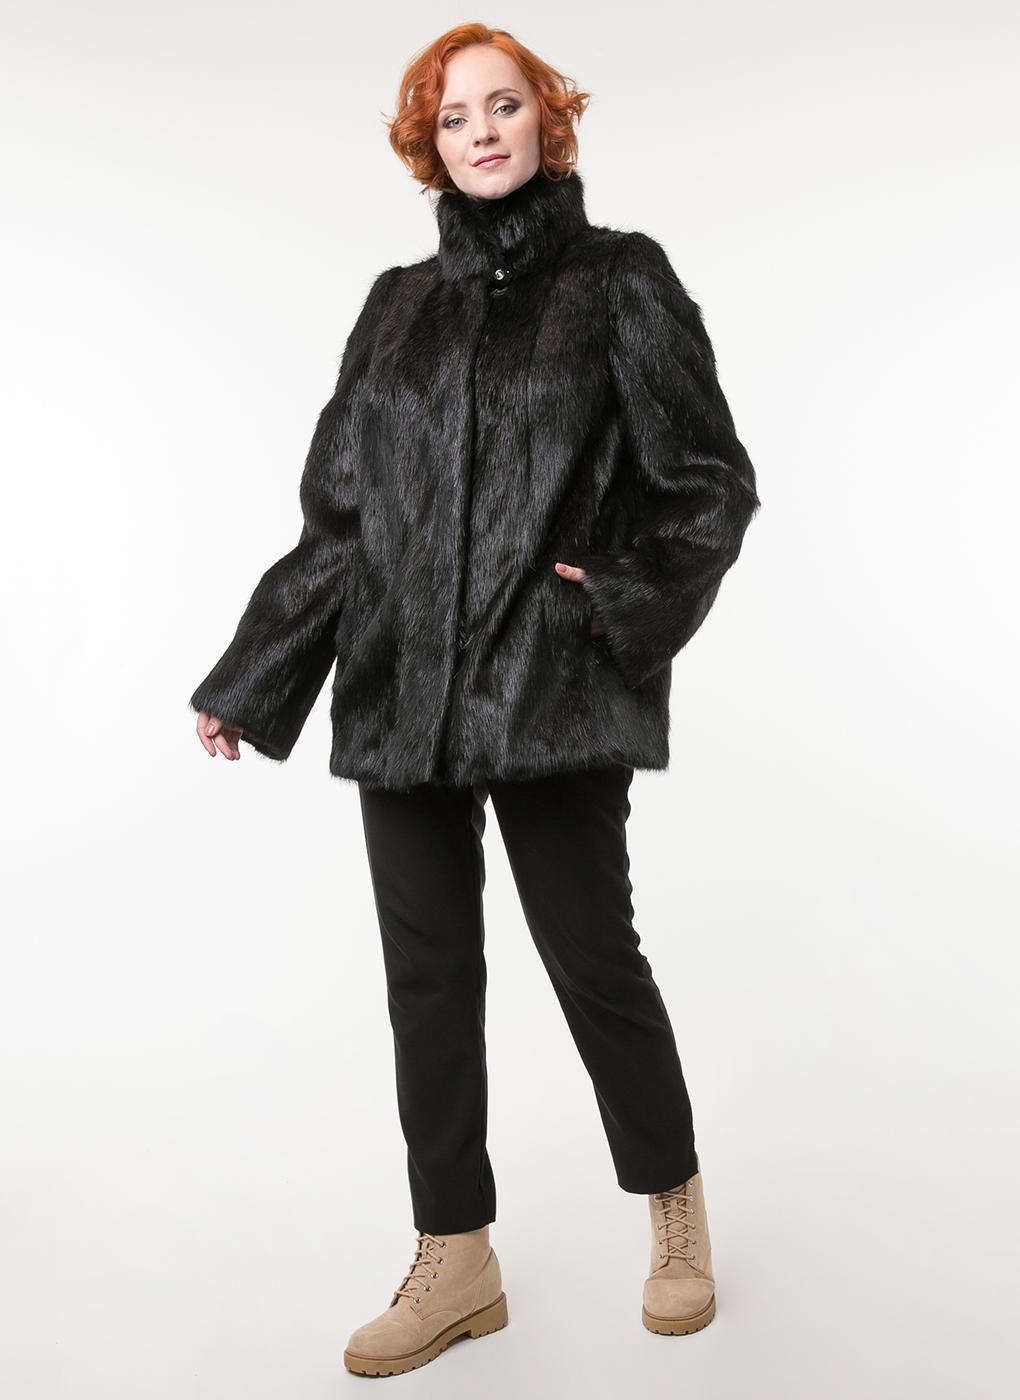 Куртка из нутрии Автоледи 04, Олимп